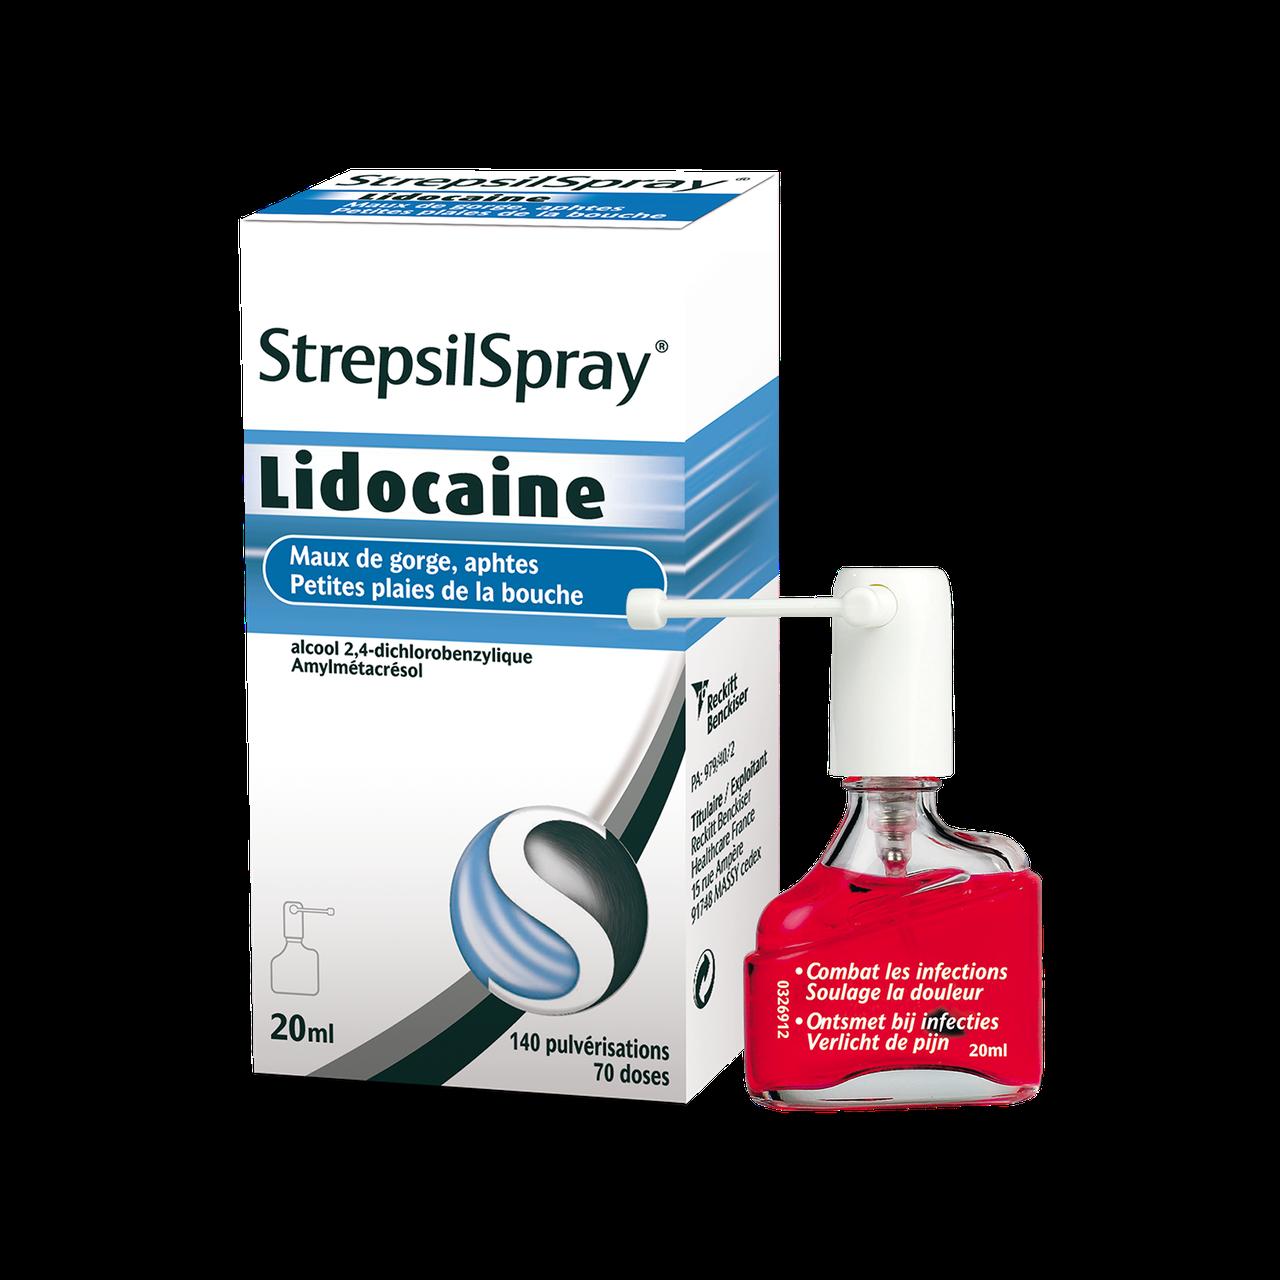 strepsilspray lidocaine et grossesse